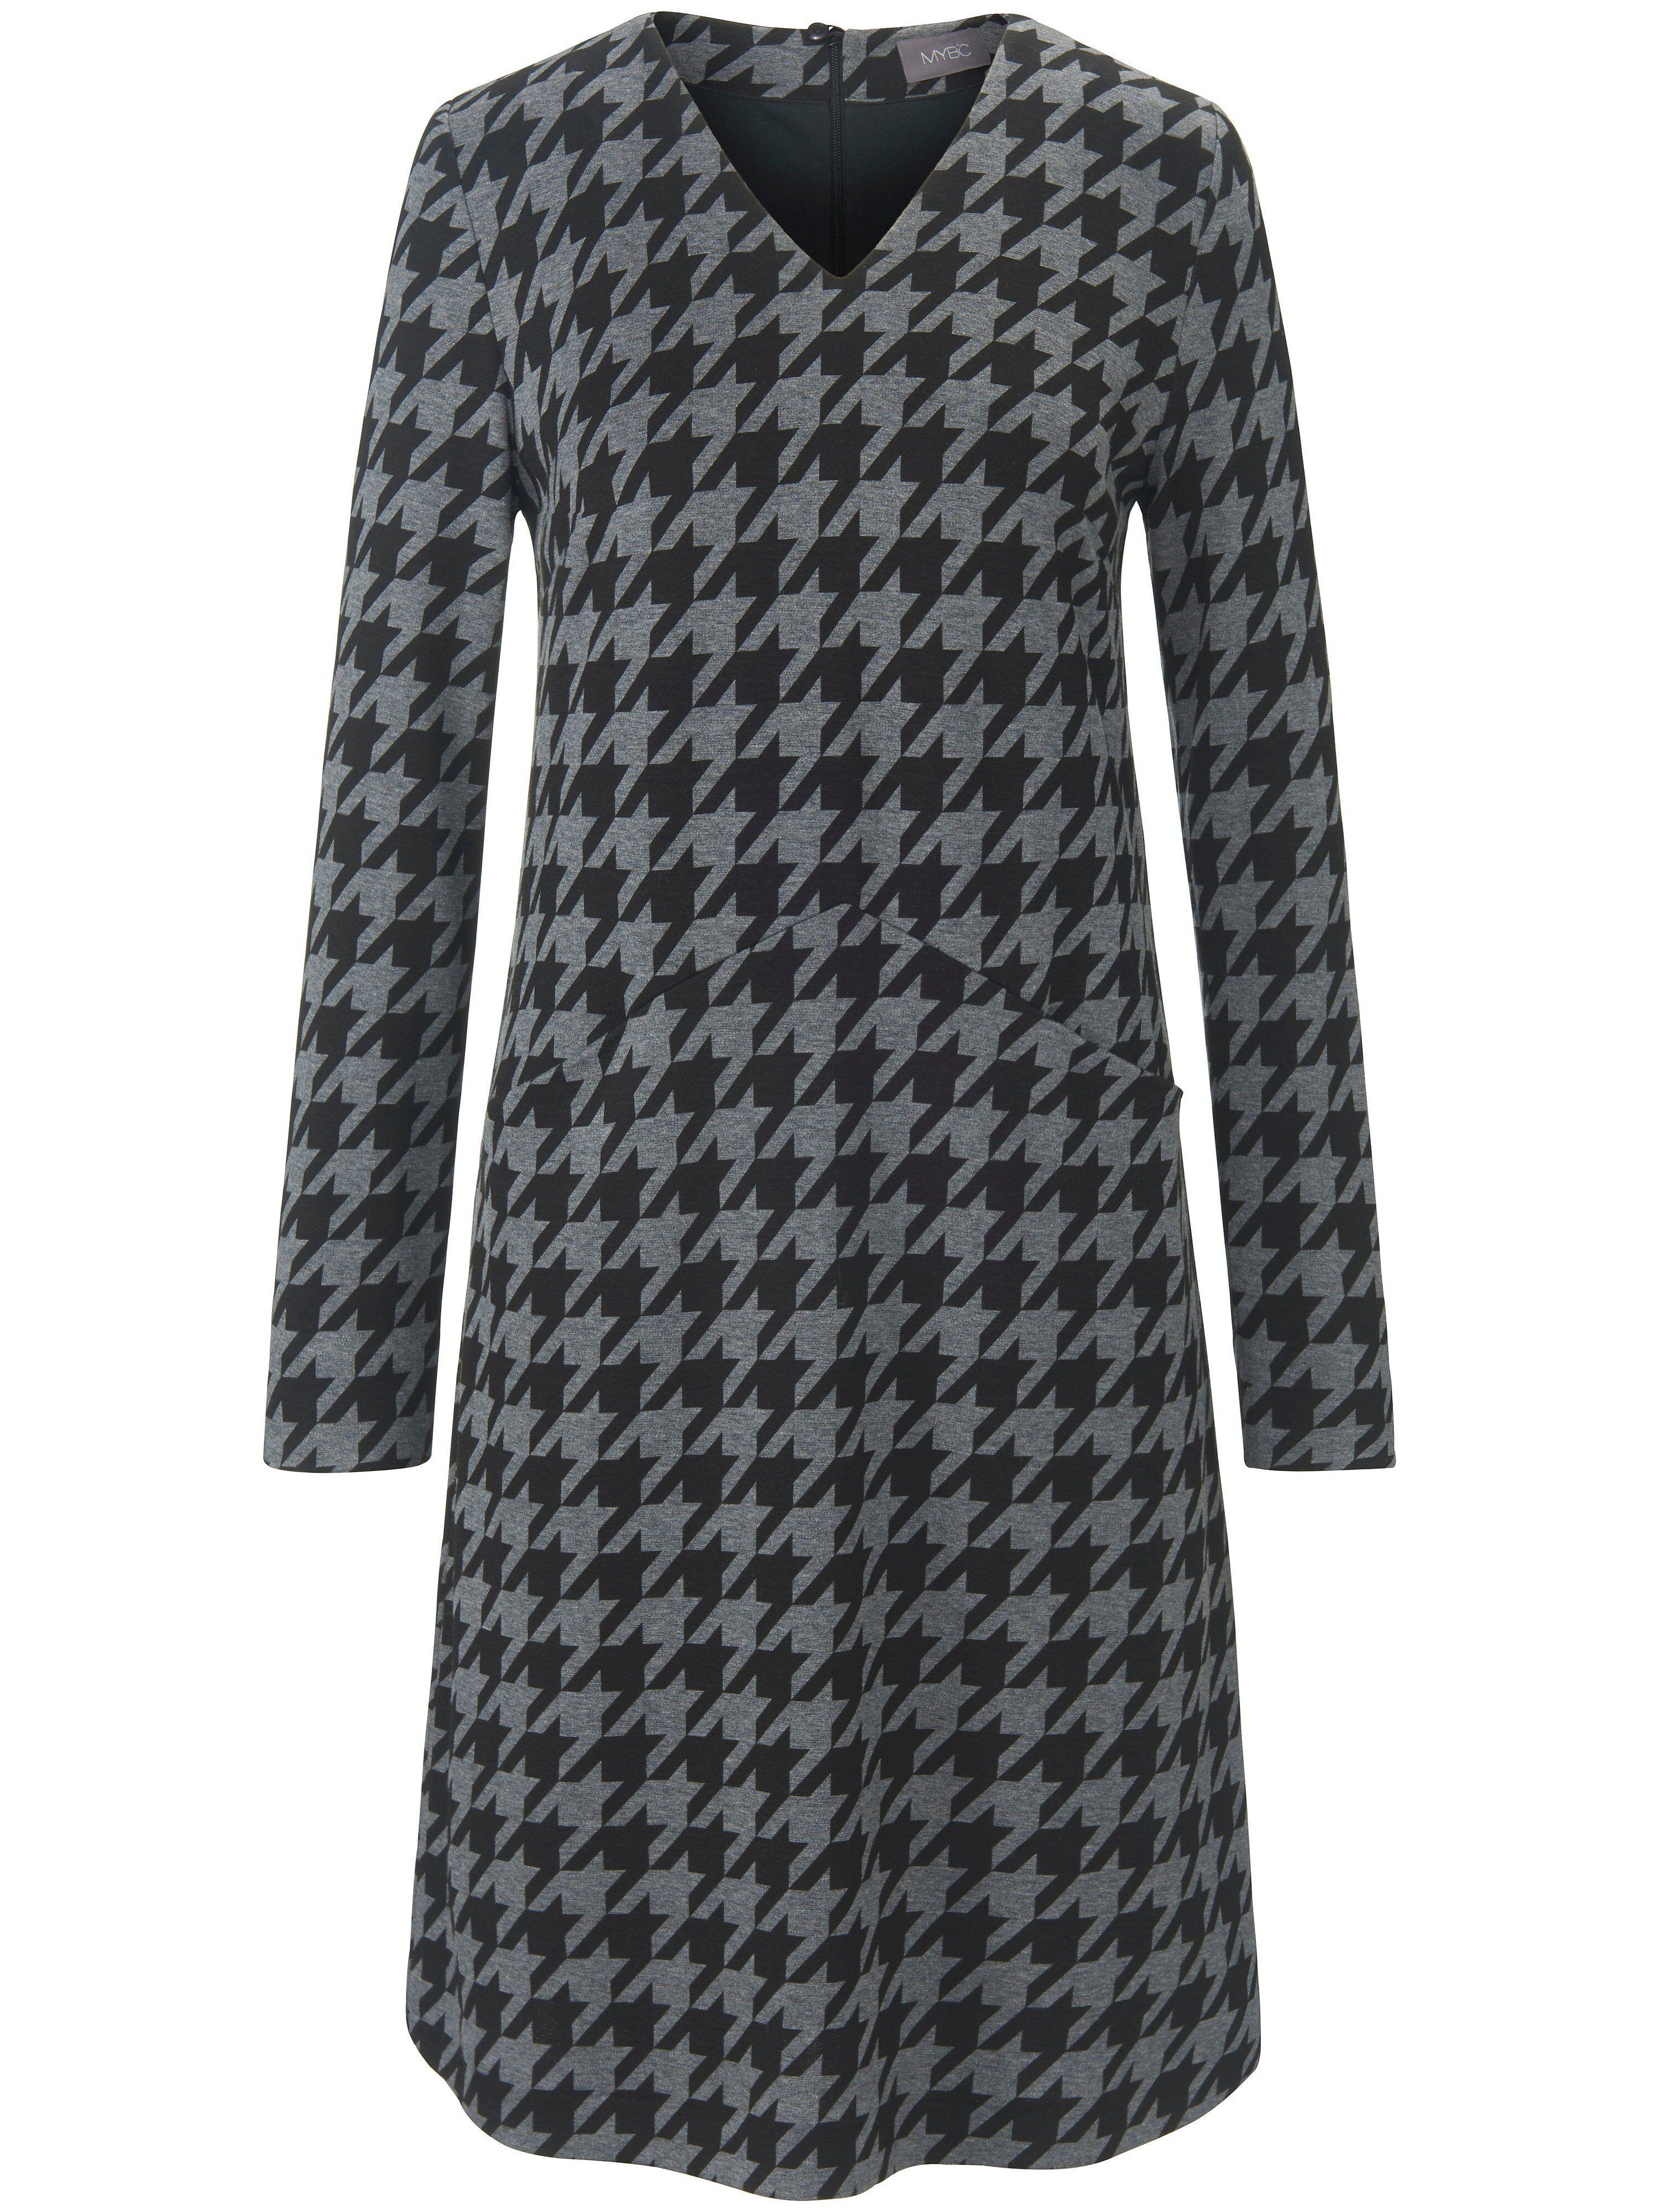 MYBC La robe ligne en A  MYBC noir  - Femme - 40